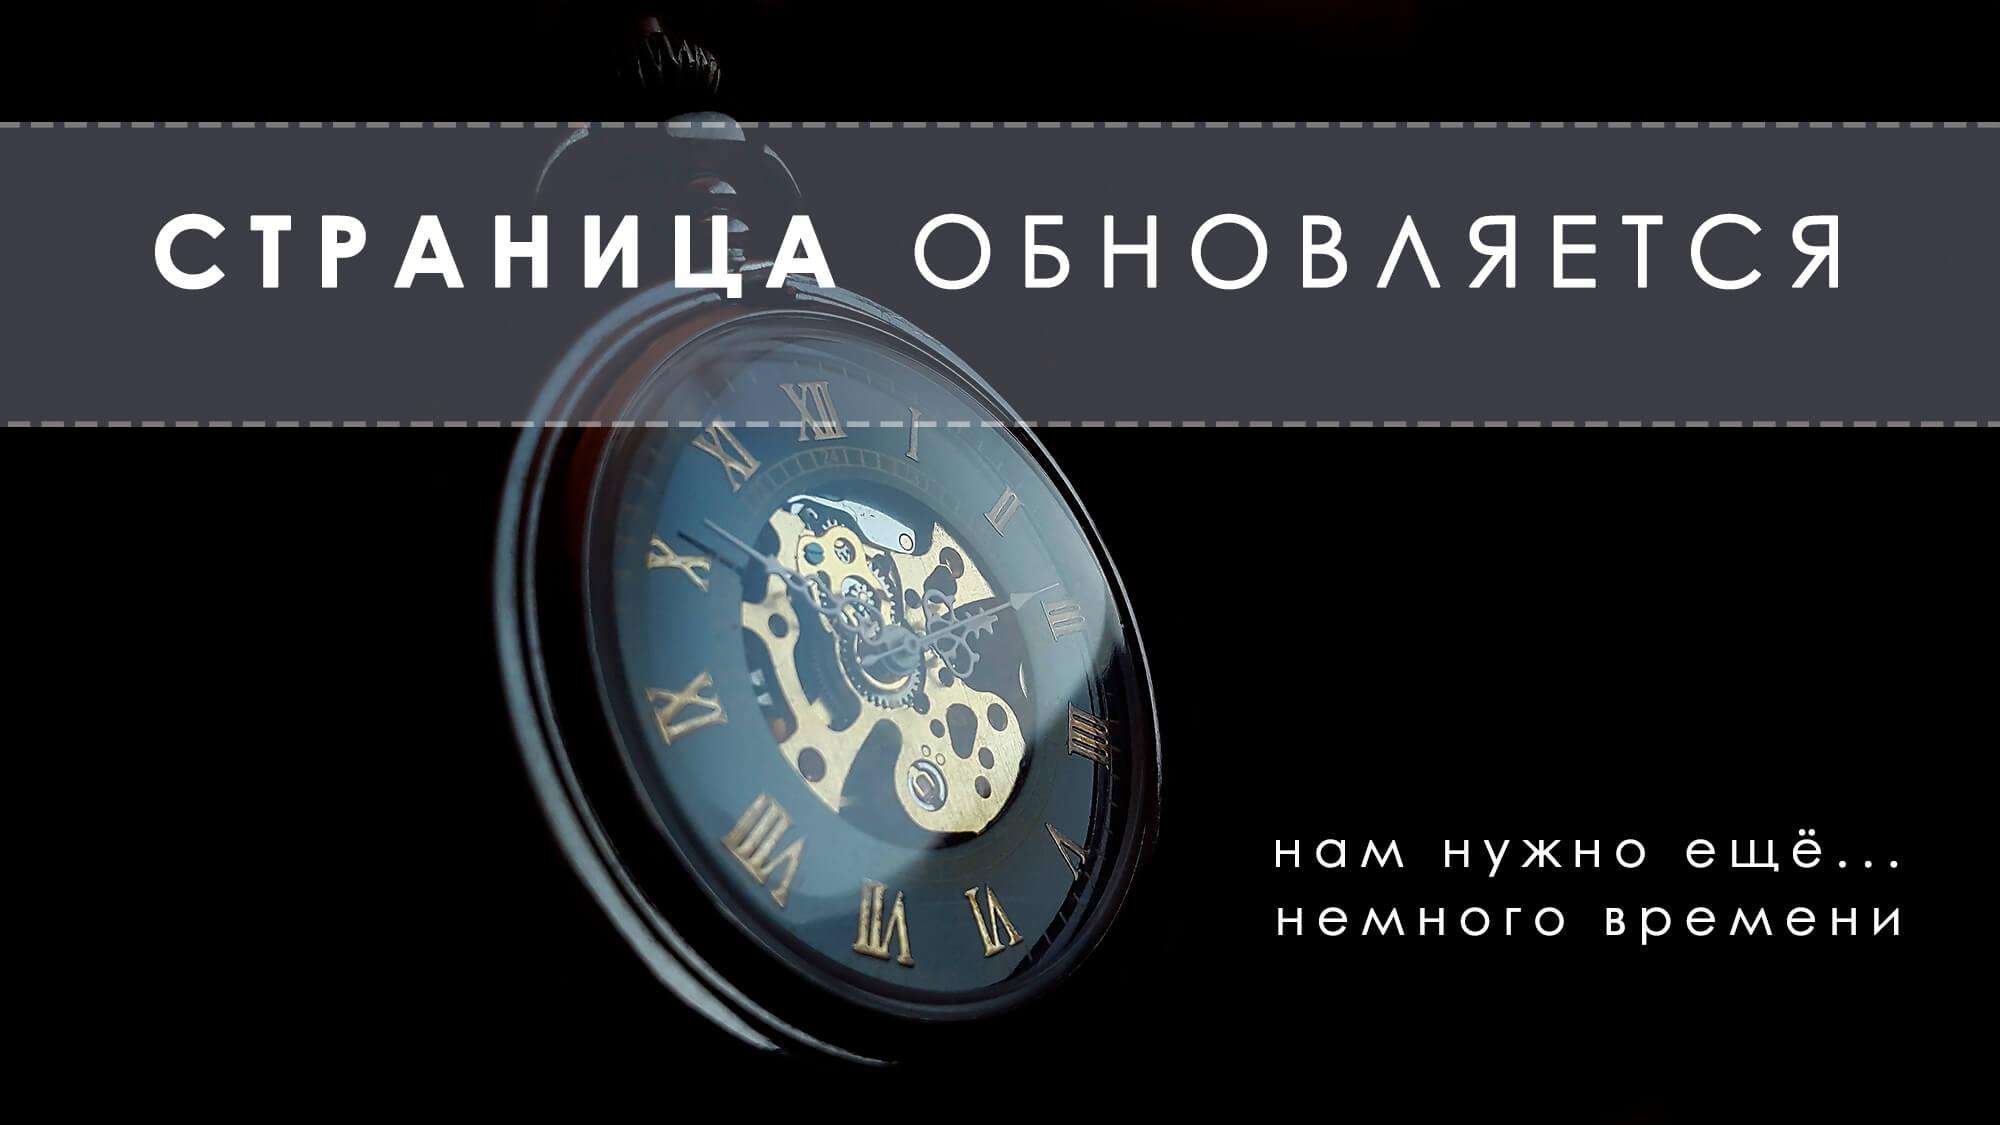 stranica-obnovlyaetsya_0